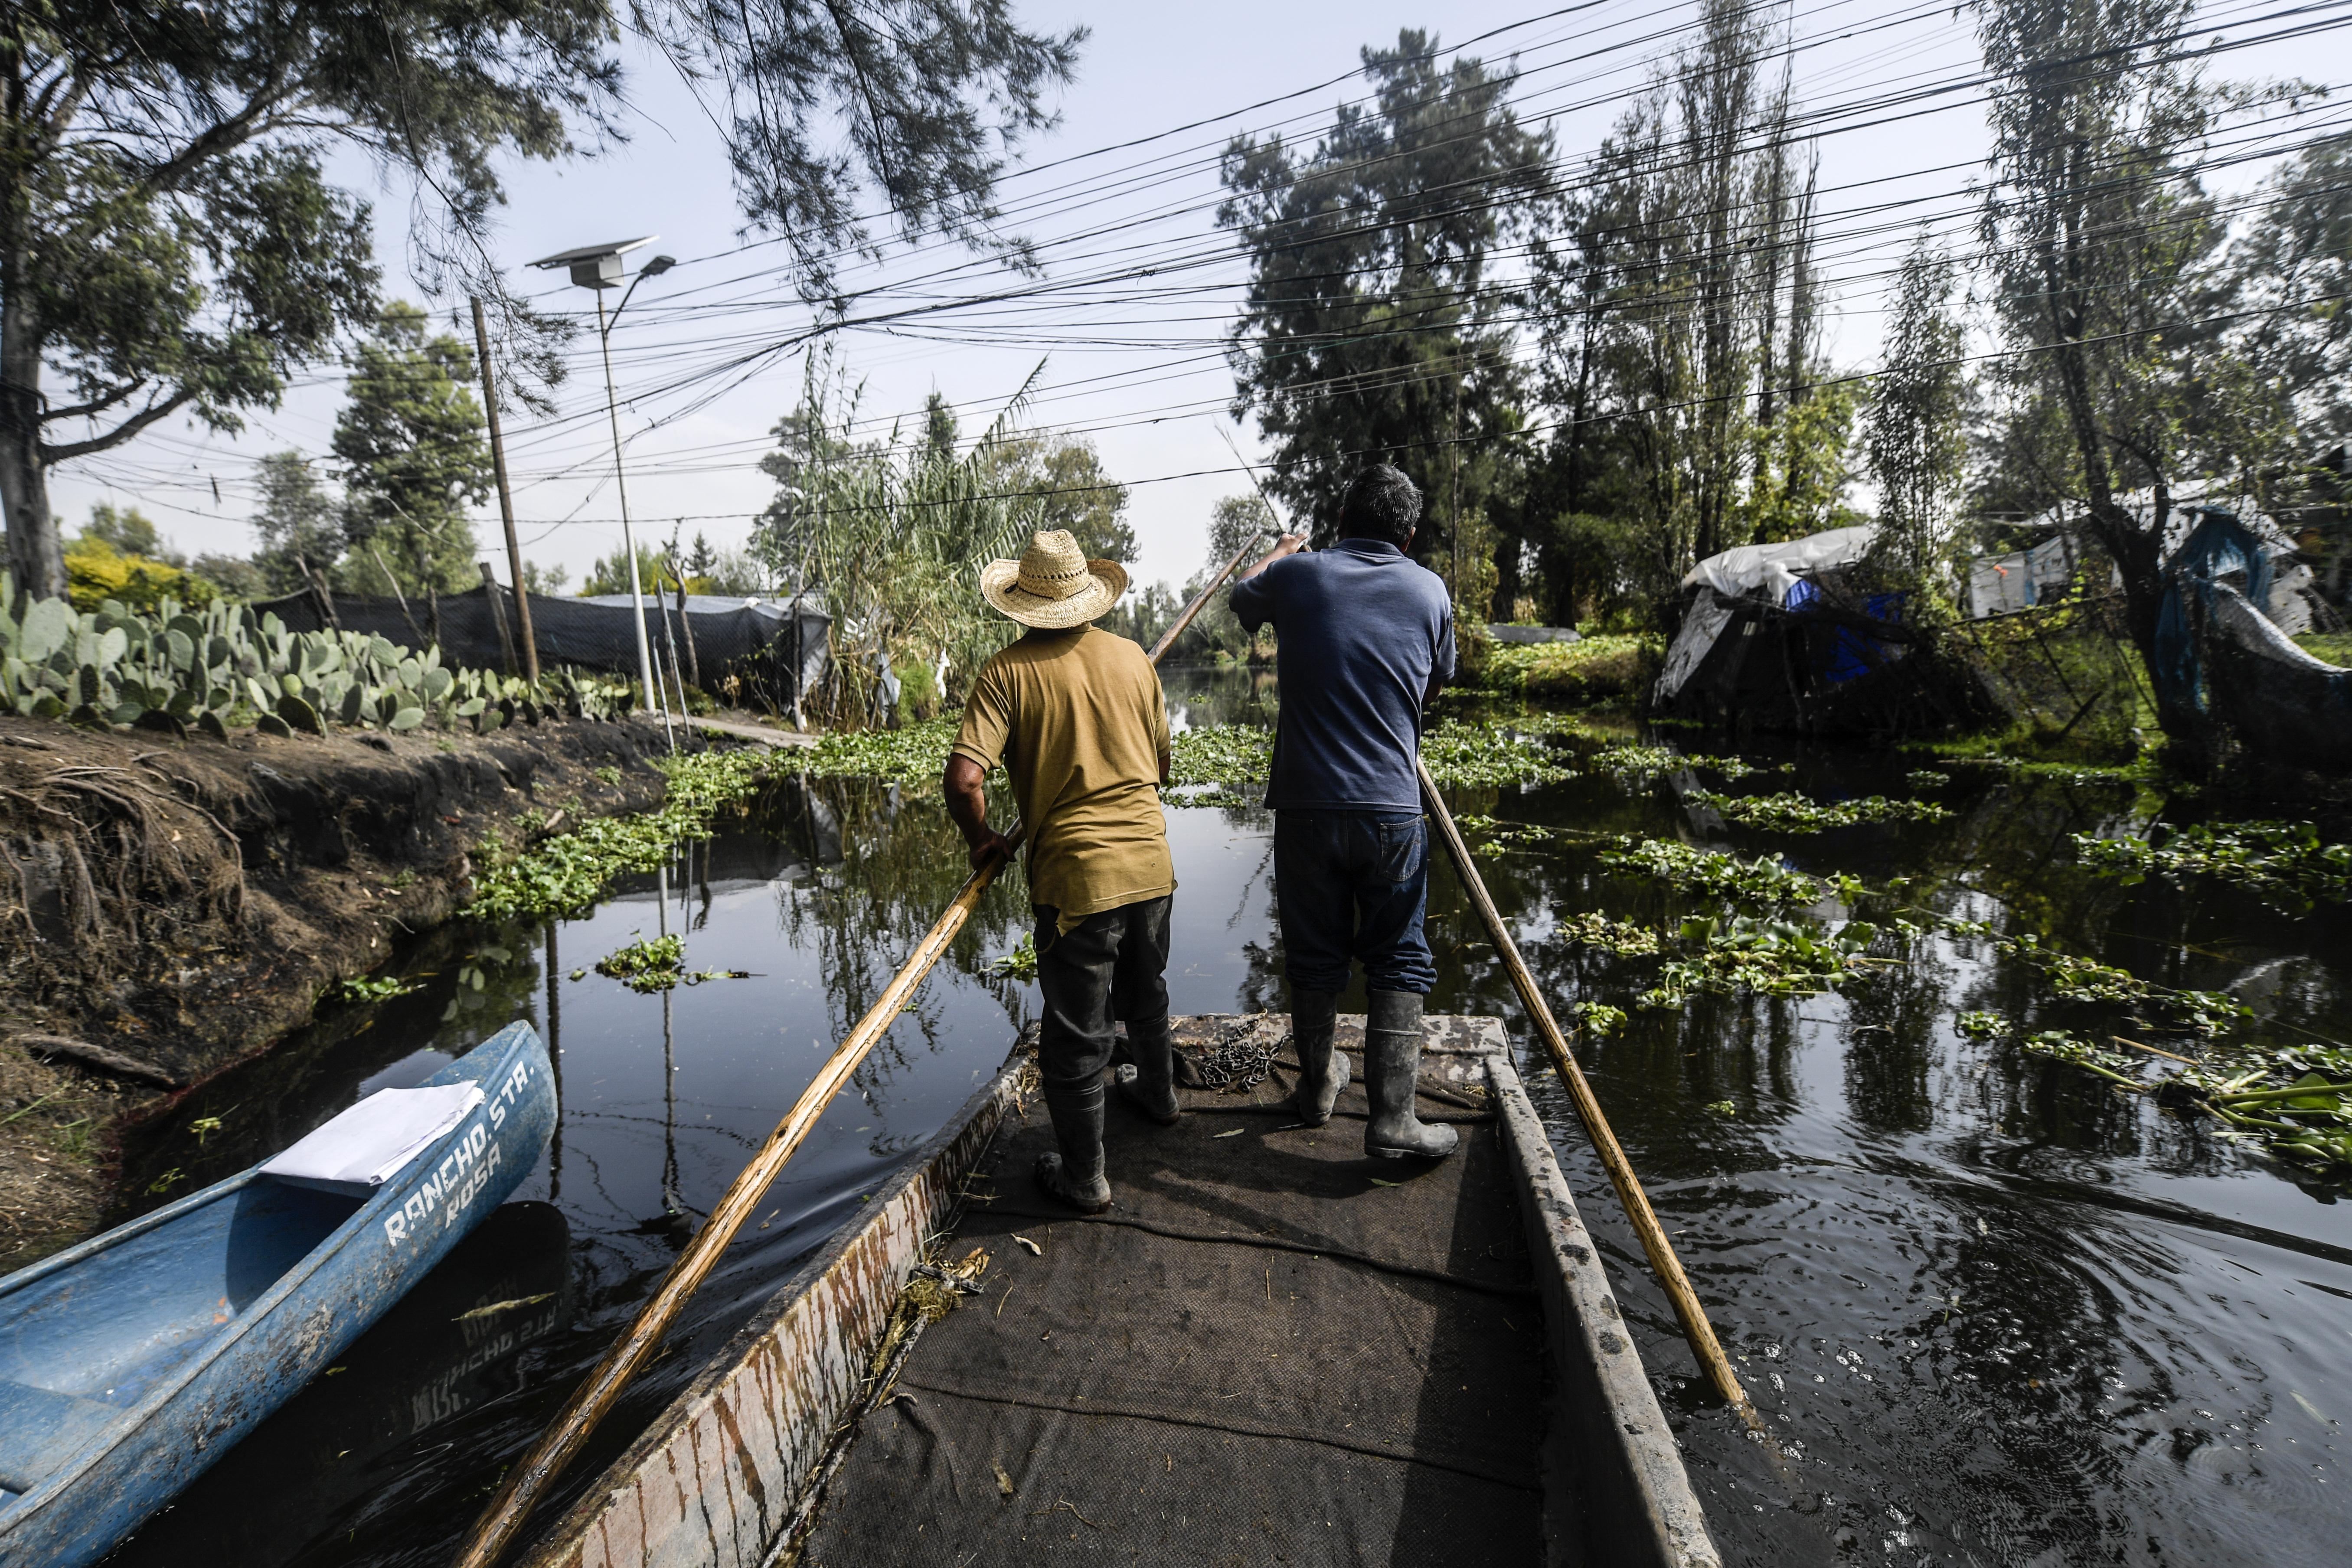 Anselmo Sánchez (izquierda), 63 y Luis Ricardo Sánchez, 36, navegan en un bote mientras se dirigen a cosechar cempasúchil, caléndula mexicana, en un campo de cultivo en una chinampa, en Xochimilco, Ciudad de México, el 13 de octubre de 2020. En medio de la nueva pandemia de coronavirus COVID-19.